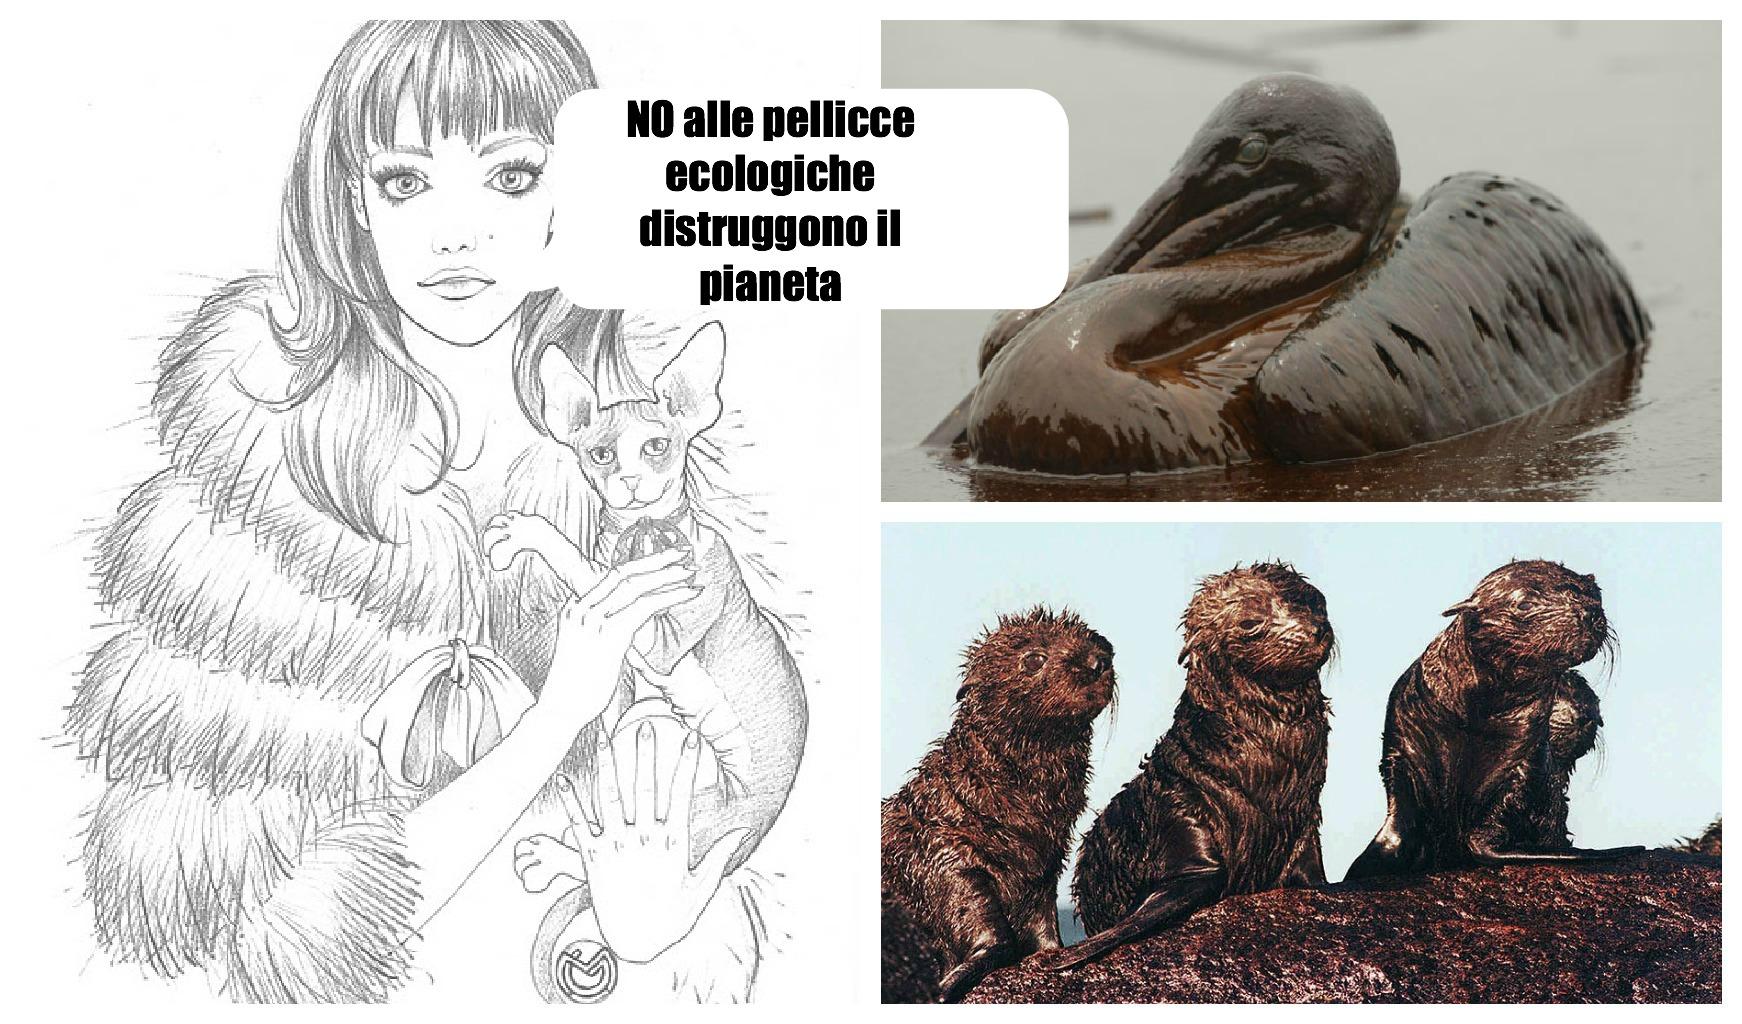 pellicce_ecologiche_inquinano